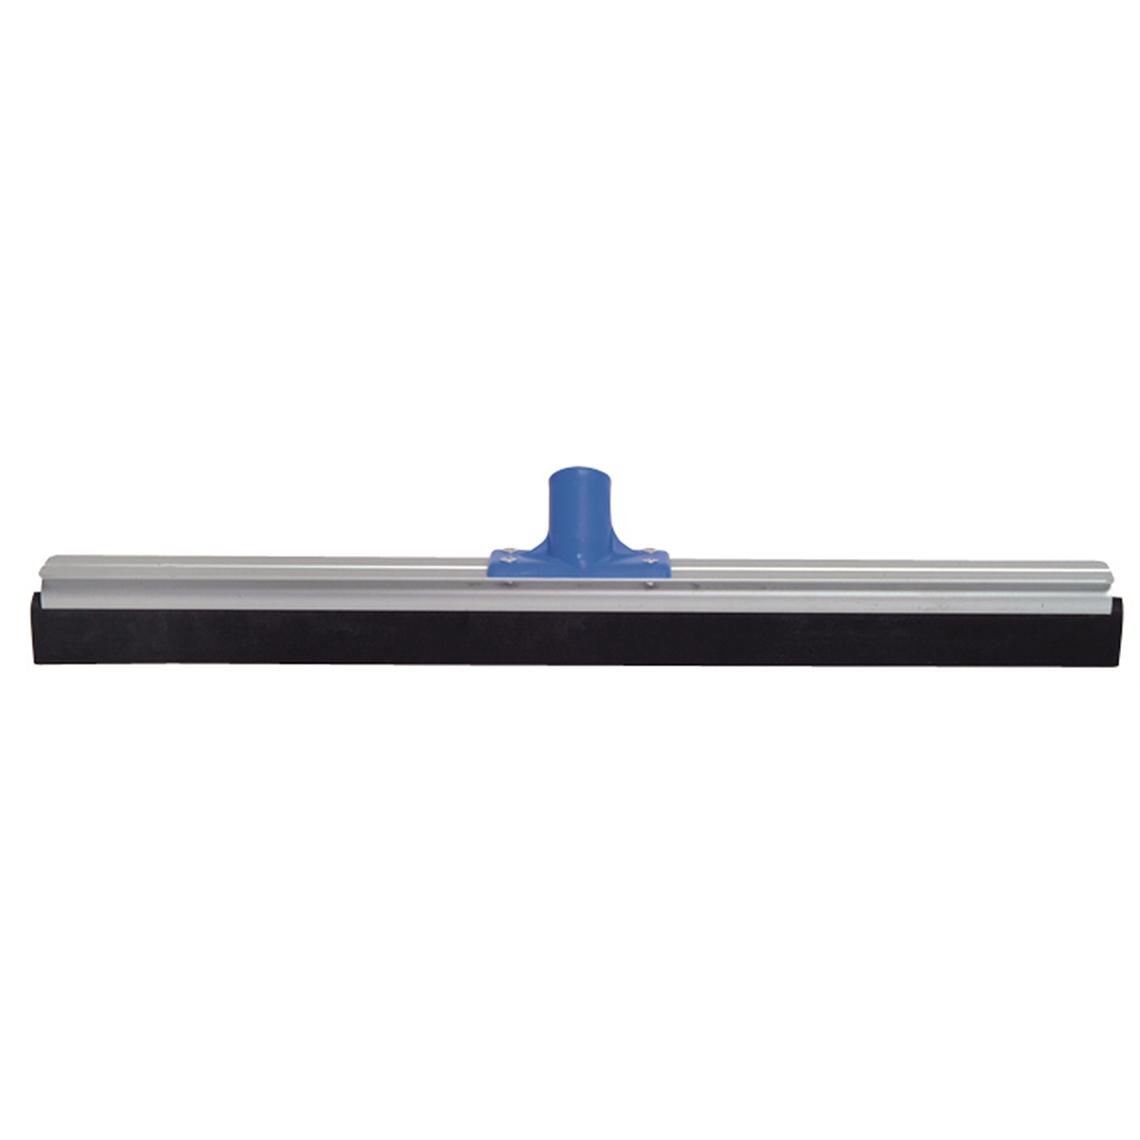 Aluminium Floor Squeegee - 600mm - Blue